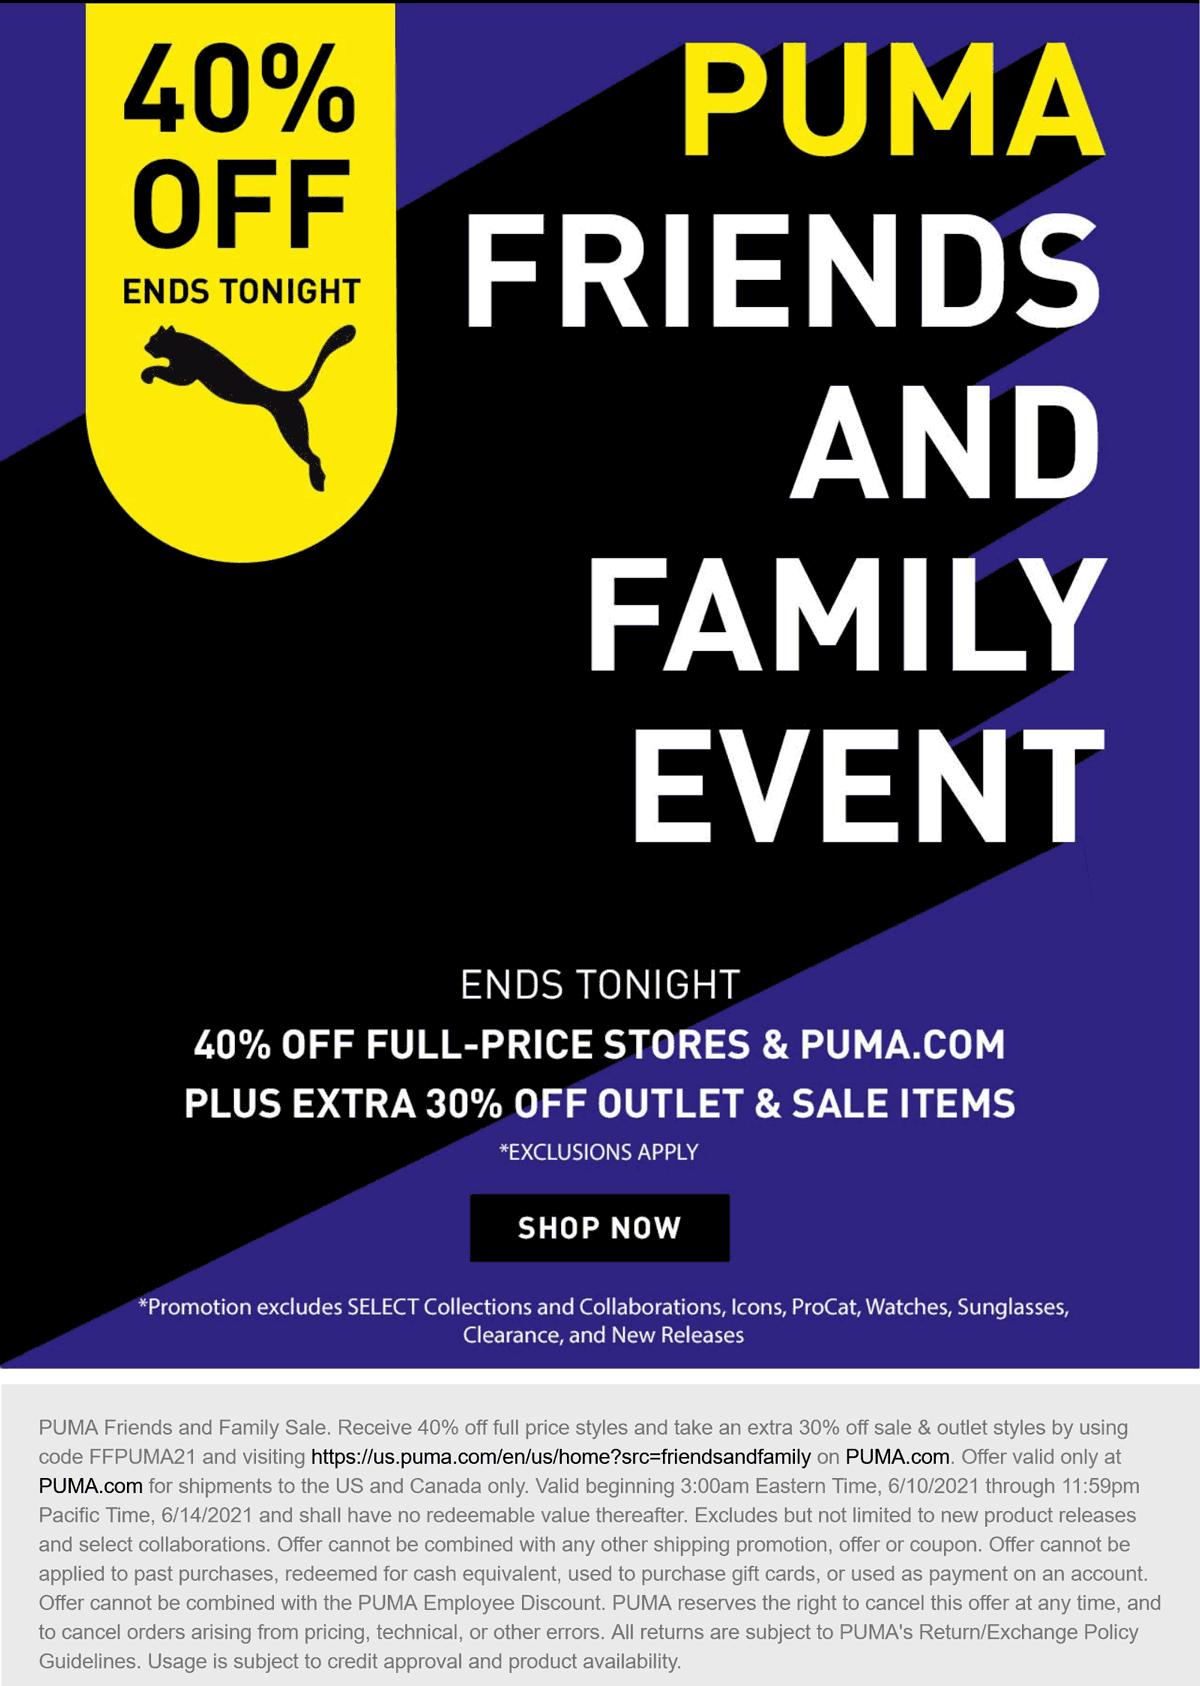 PUMA stores Coupon  40% off today at PUMA via promo code FFPUMA21 #puma